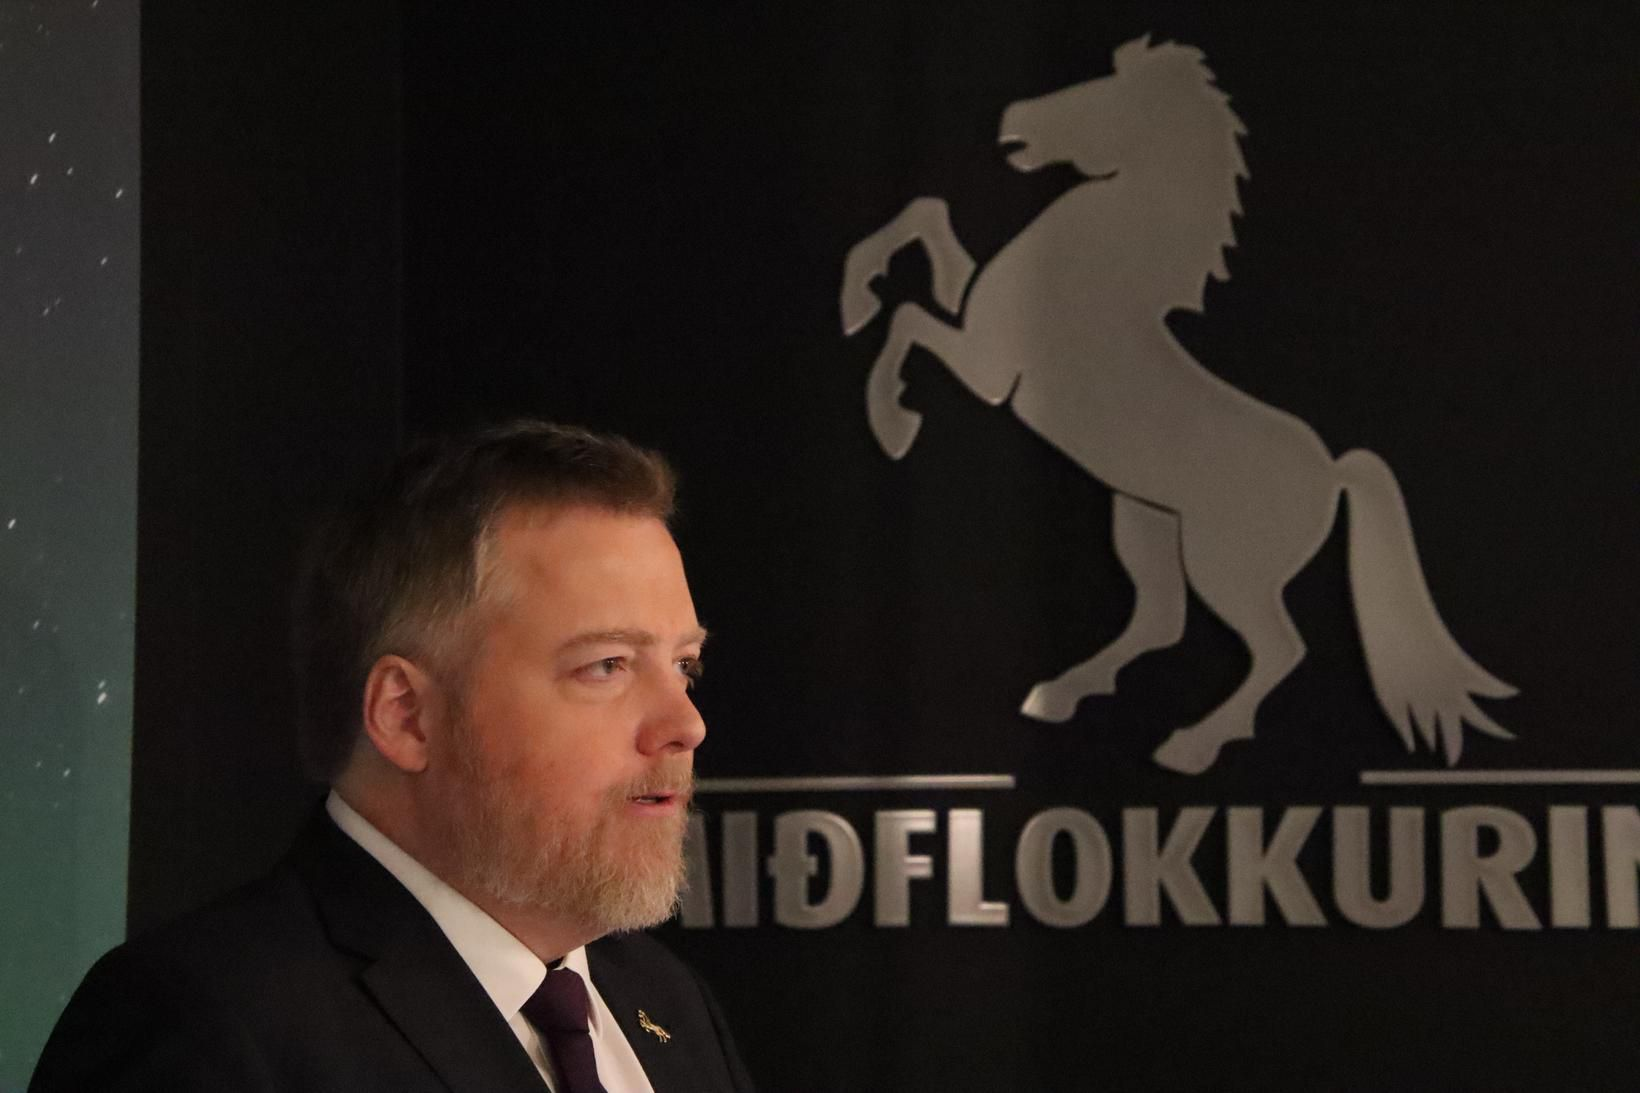 Sigmundur Davíð formaður Miðflokksins en samþykkt var á fundinum að …